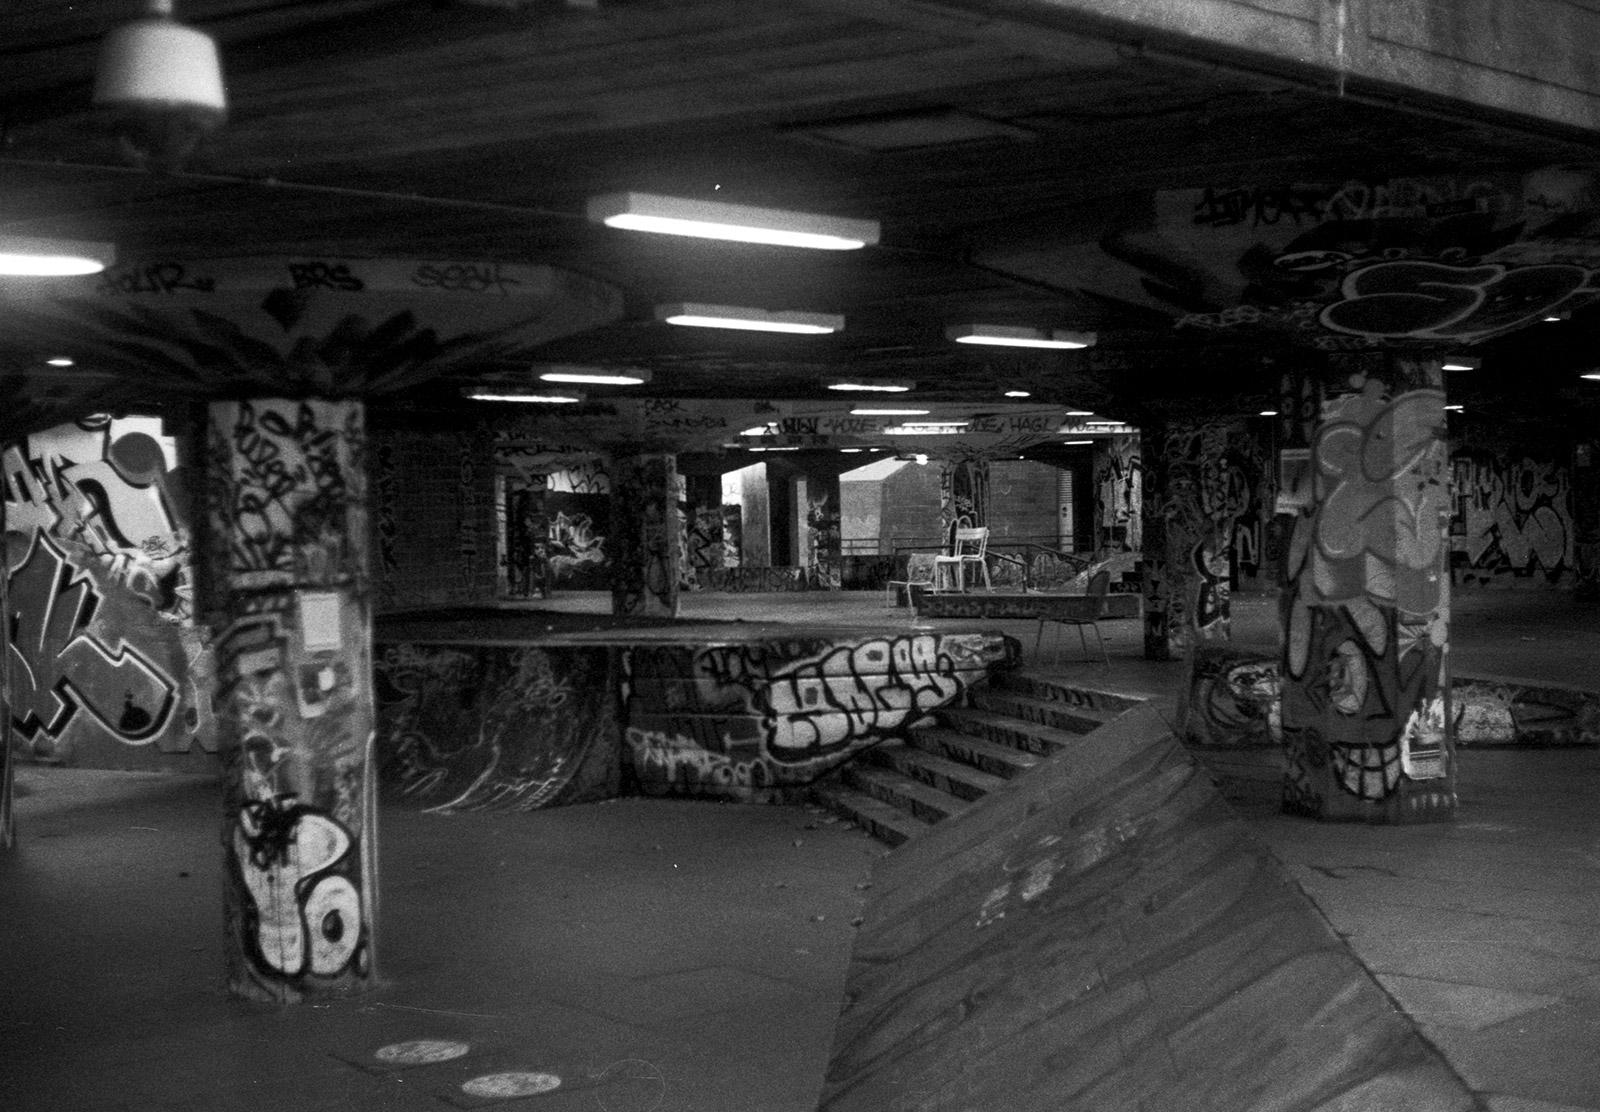 Skate area in London